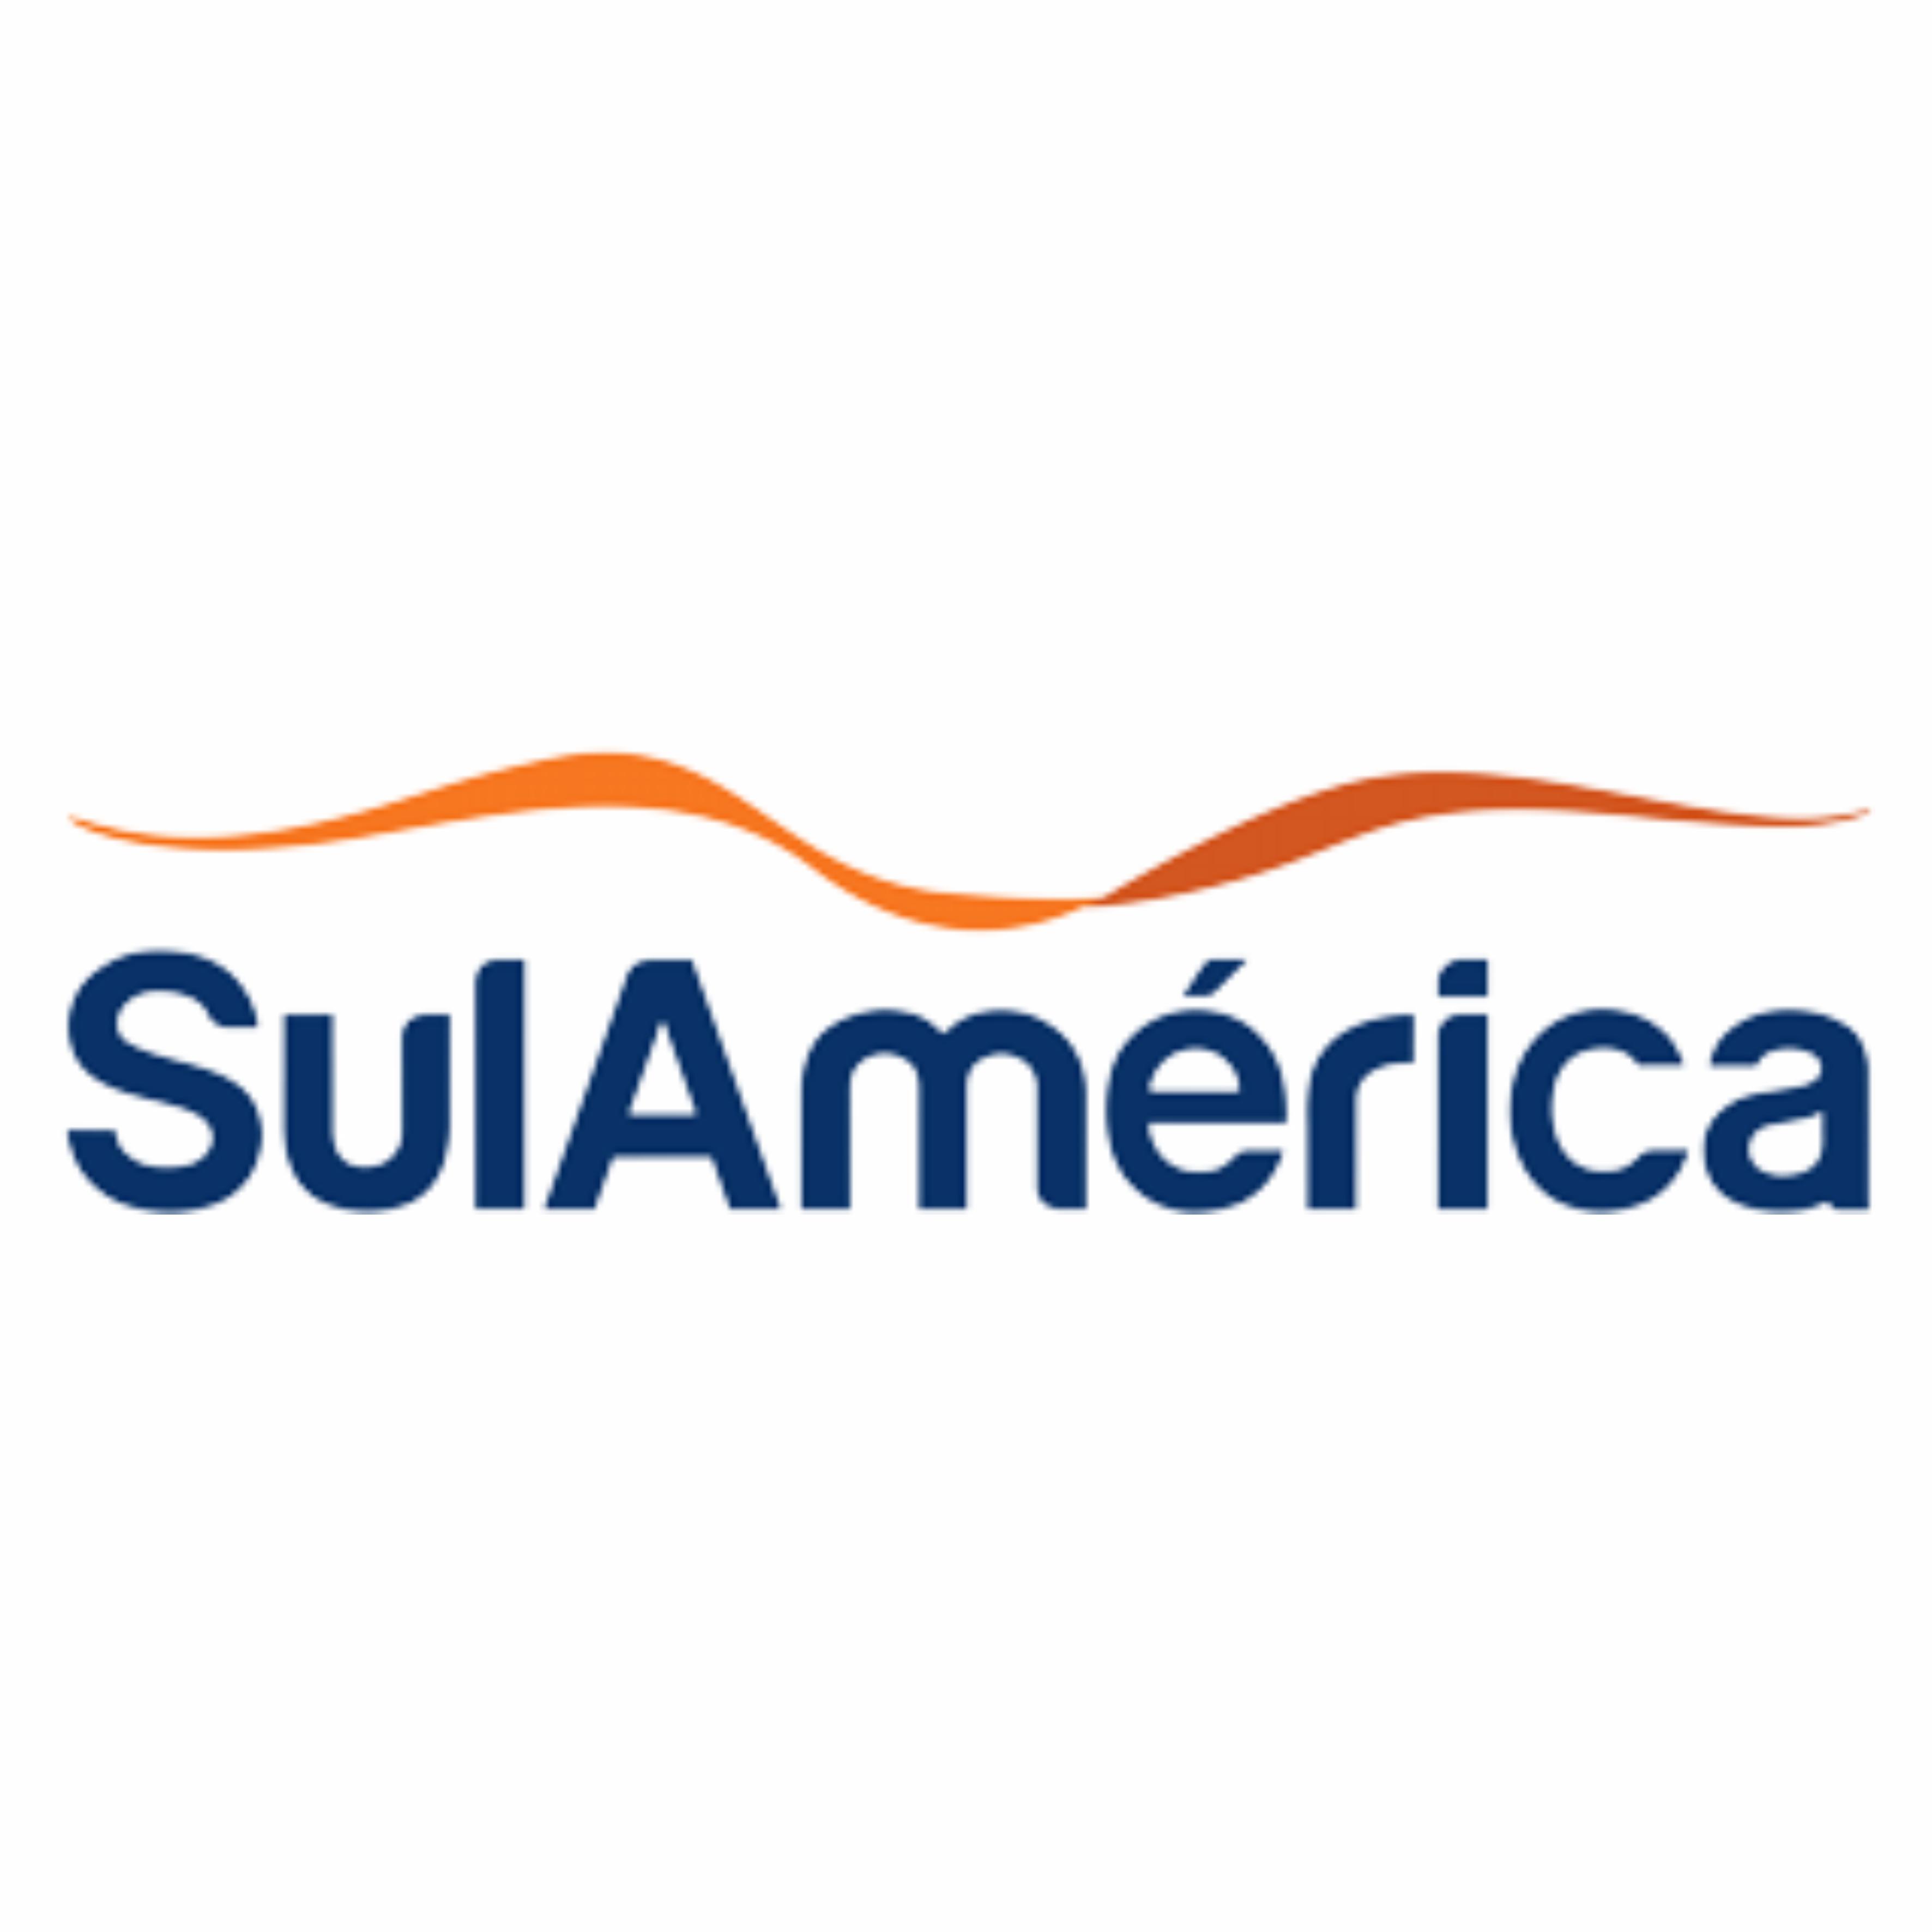 https://0201.nccdn.net/1_2/000/000/0d1/44a/sulamerica-saude-3544x3544.png